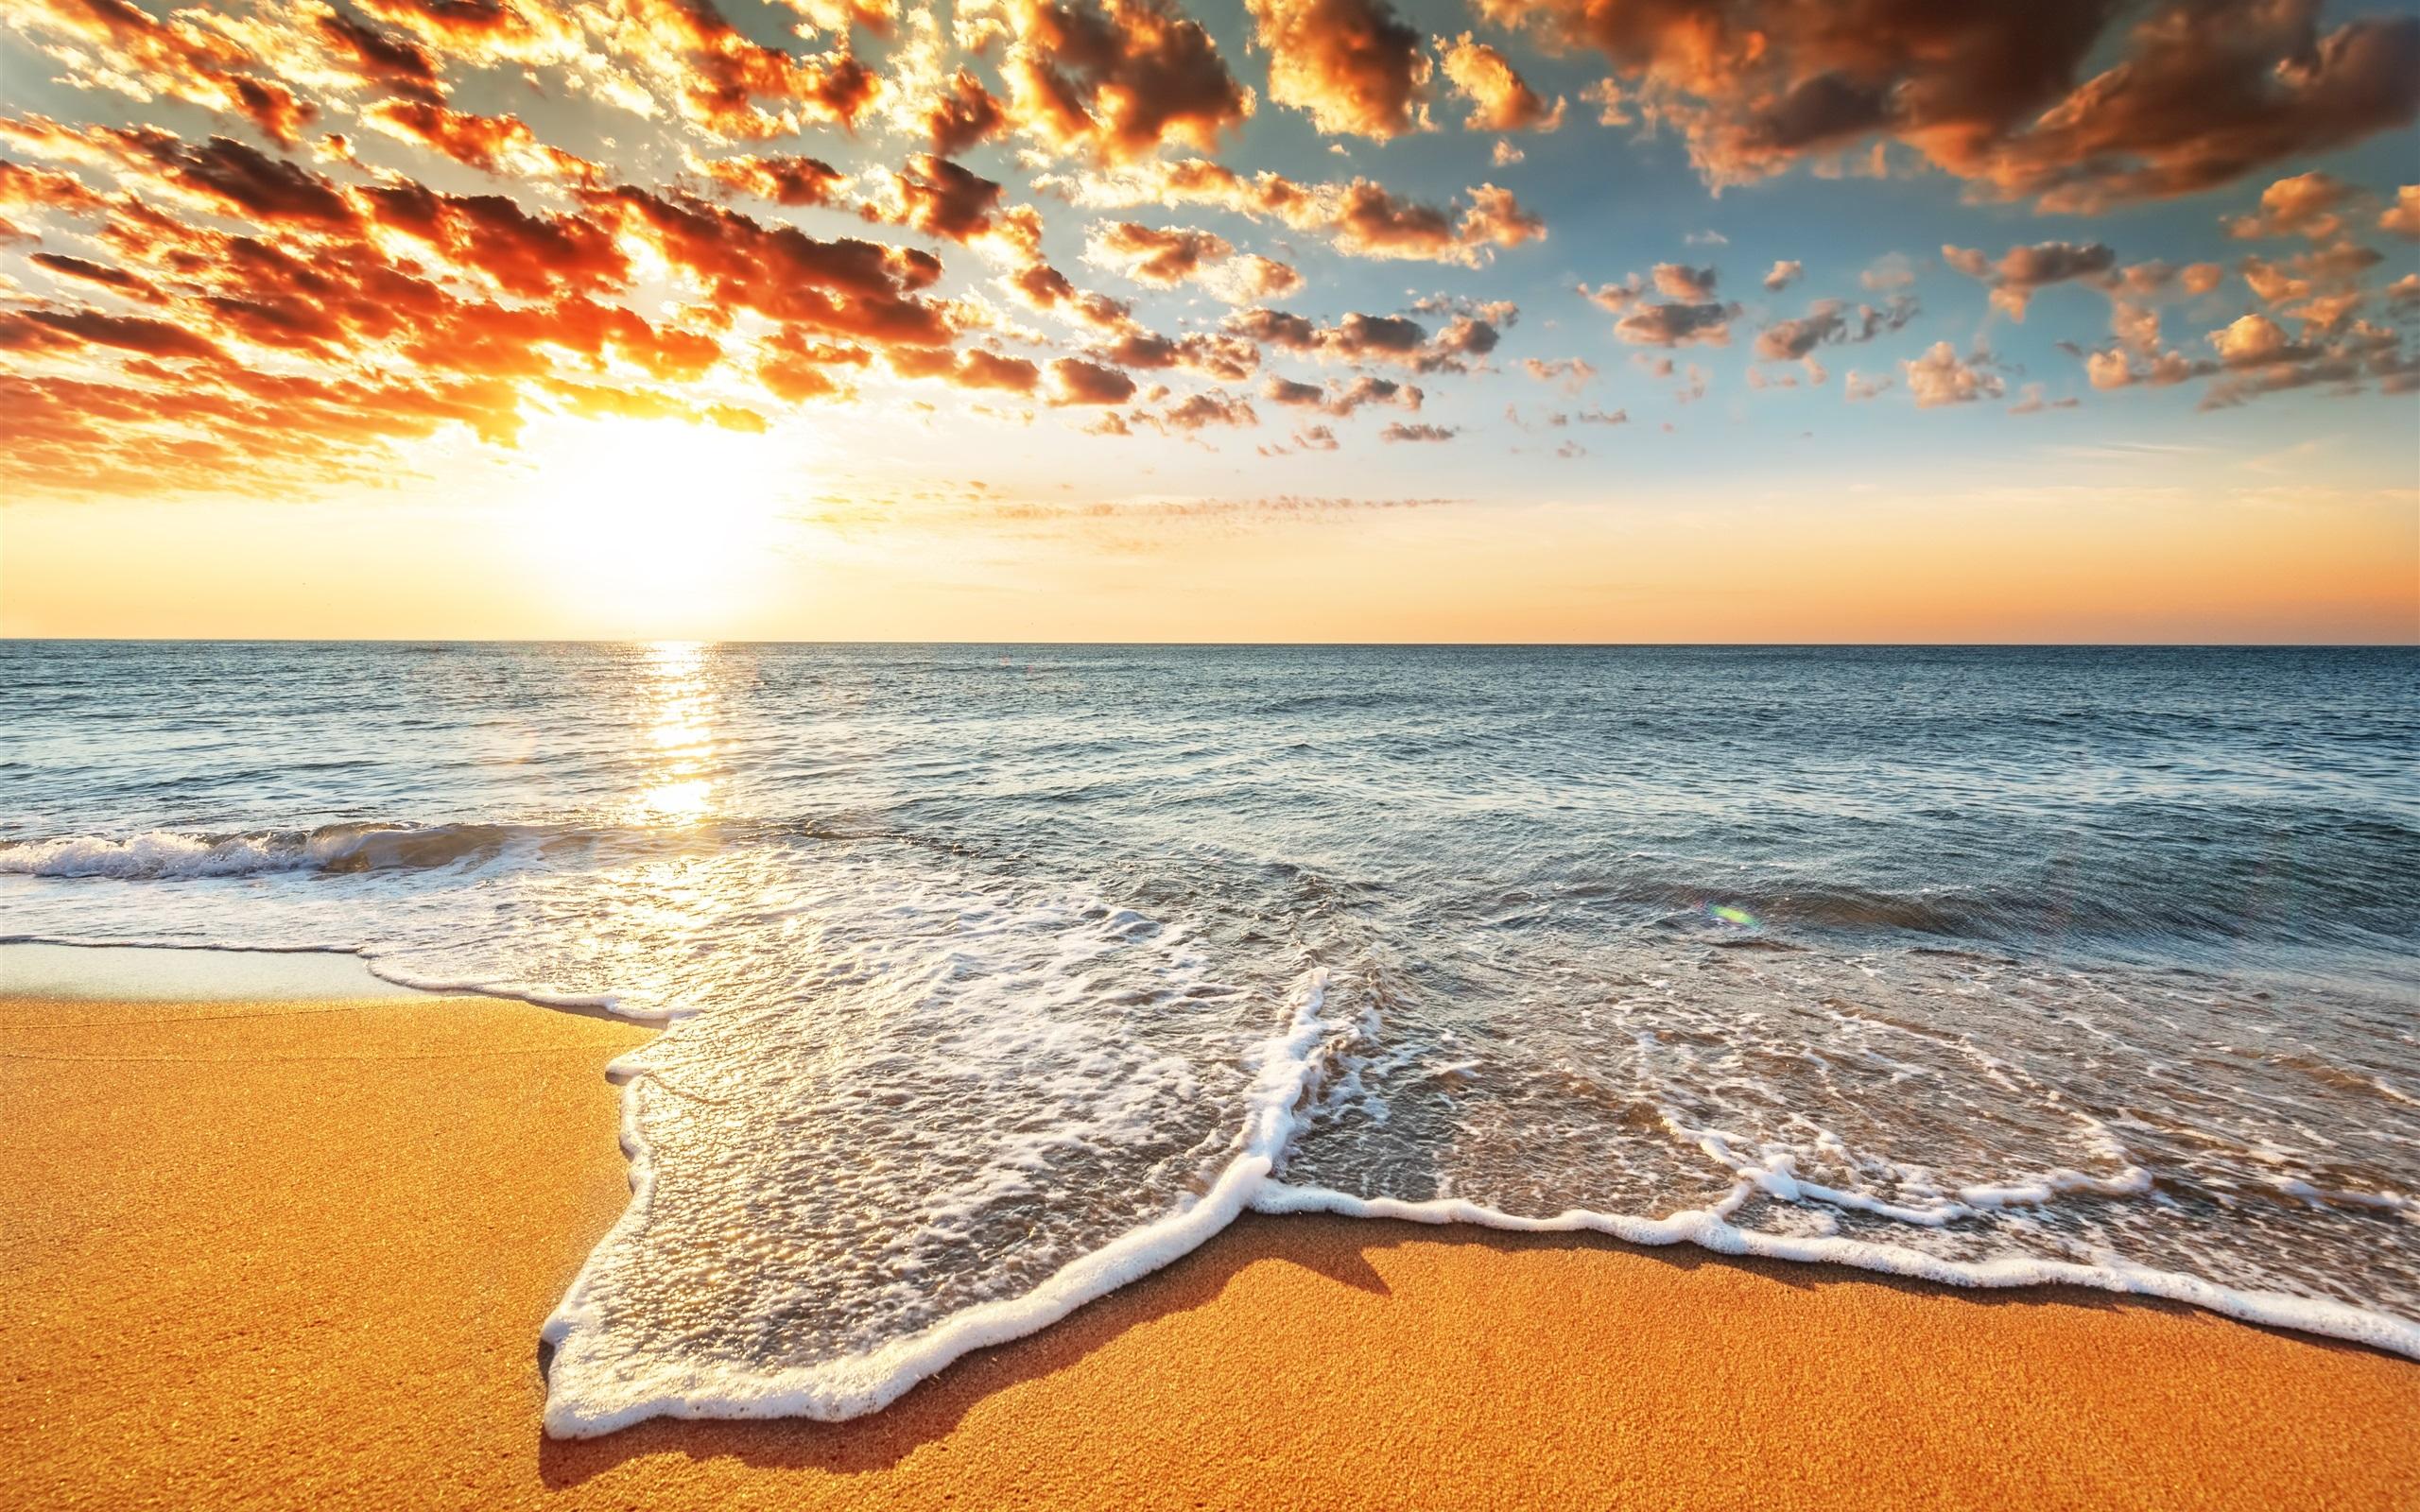 Картинки лето море солнце пляж крым, лет мужчине